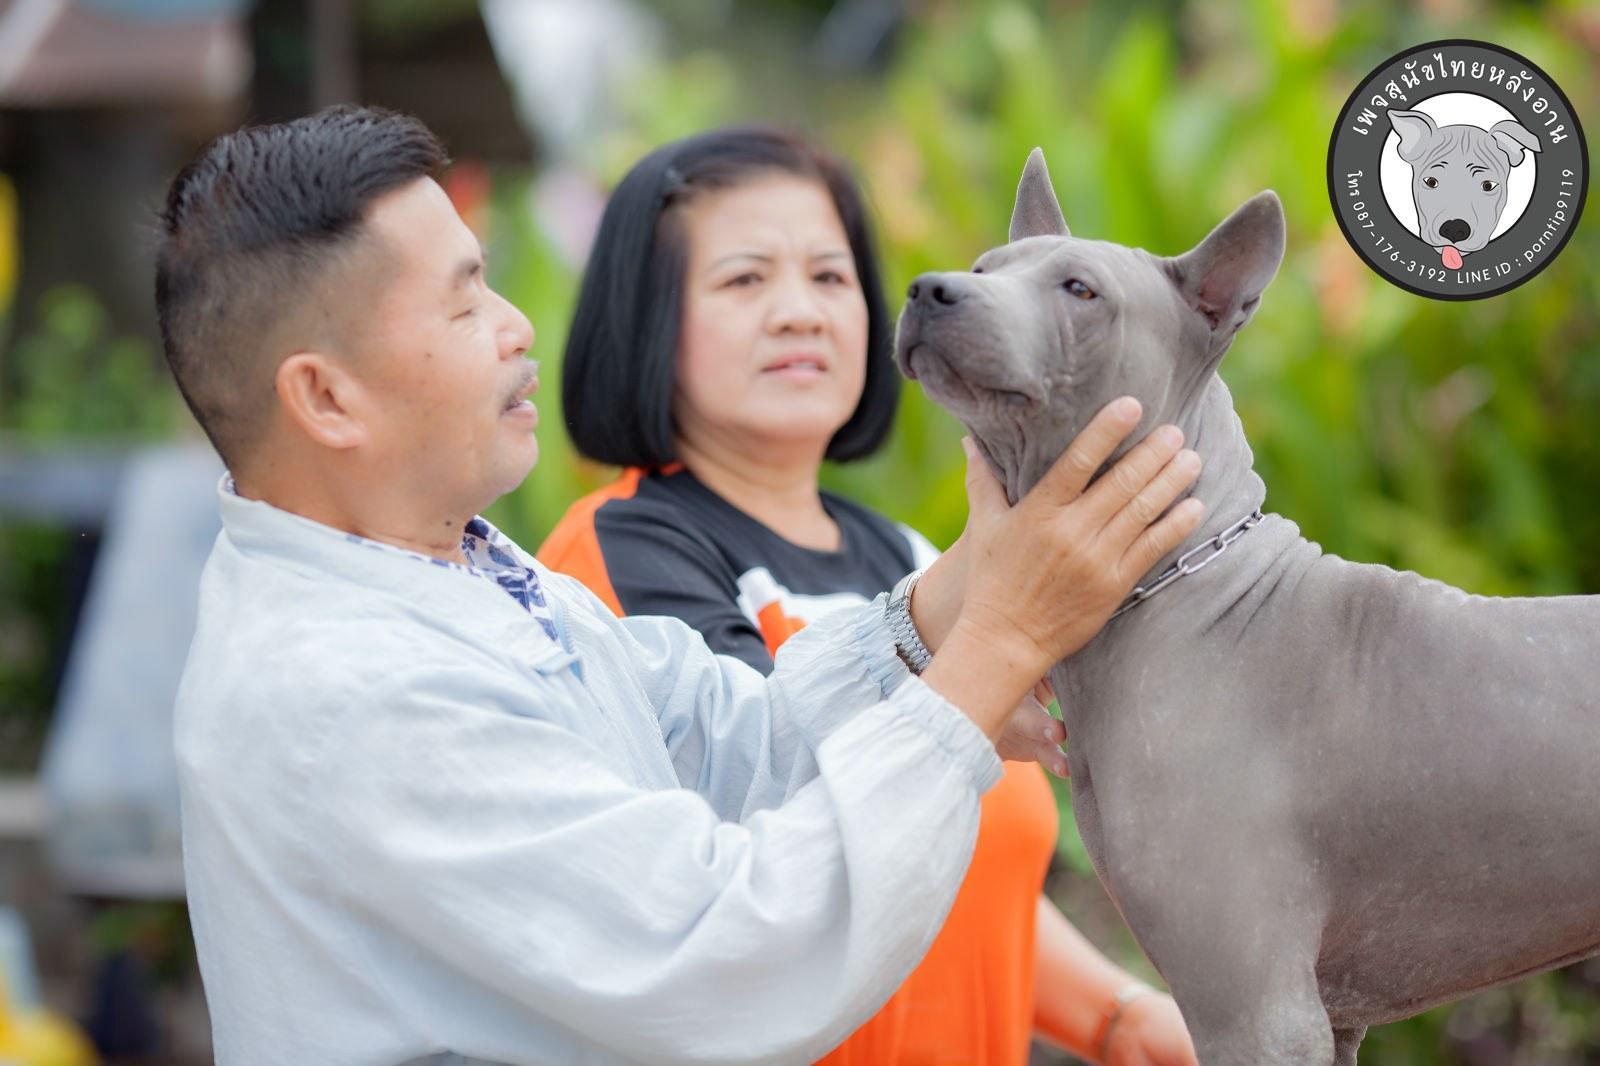 สุนัขไทยหลังอาน ขายสุนัขไทยหลังอาน   ลูกสุนัขไทยหลังอาน พ่อพันธุ์แม่พันธุ์Print-0333_webcamera360_20141224232641